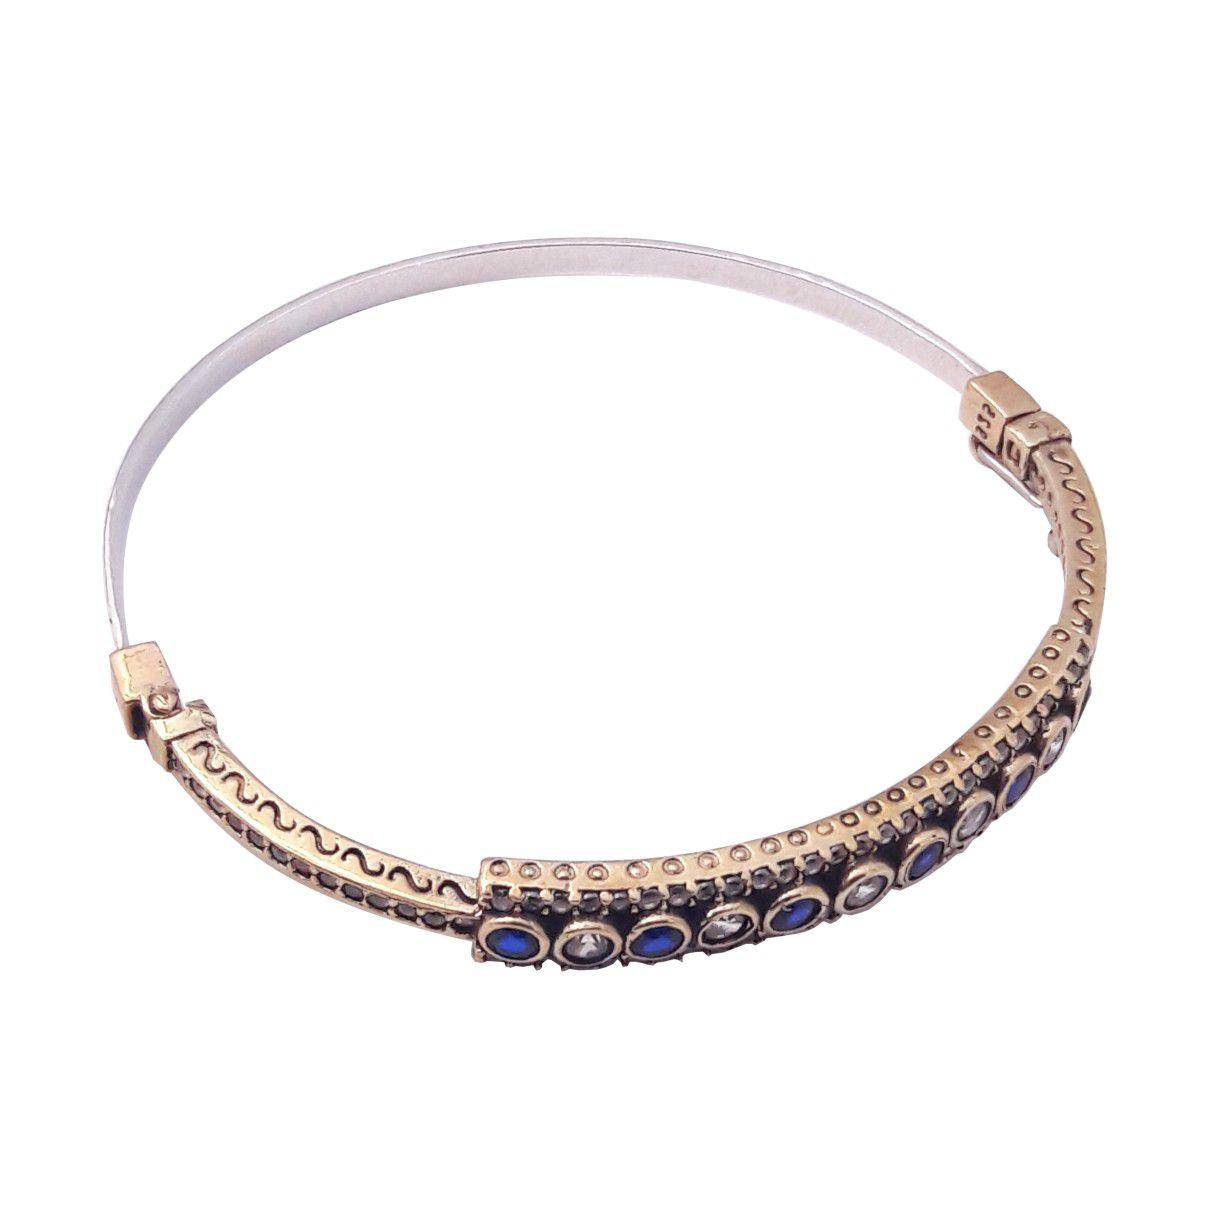 Bracelete Prata Turca 925 Cravejado com Zircônias Cristal e Cor Safira